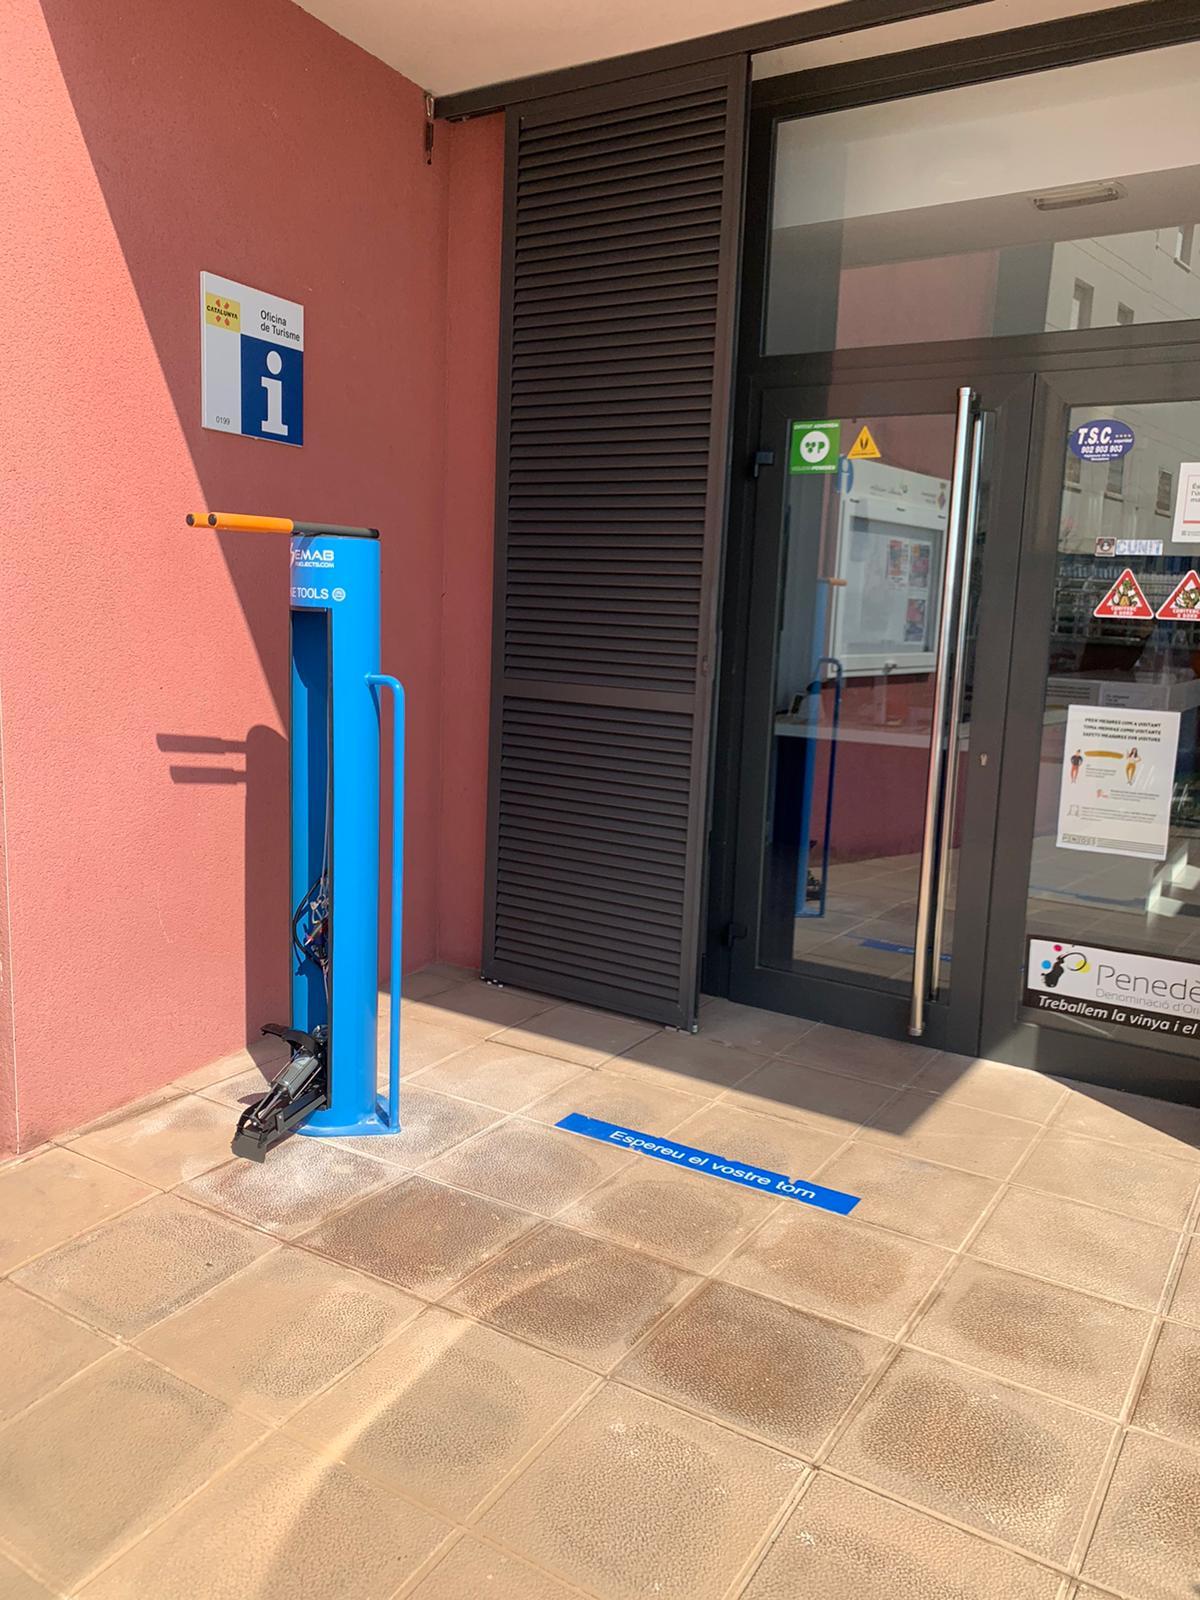 L'ajuntament instal·la dos punts d'eines per a bicicletes